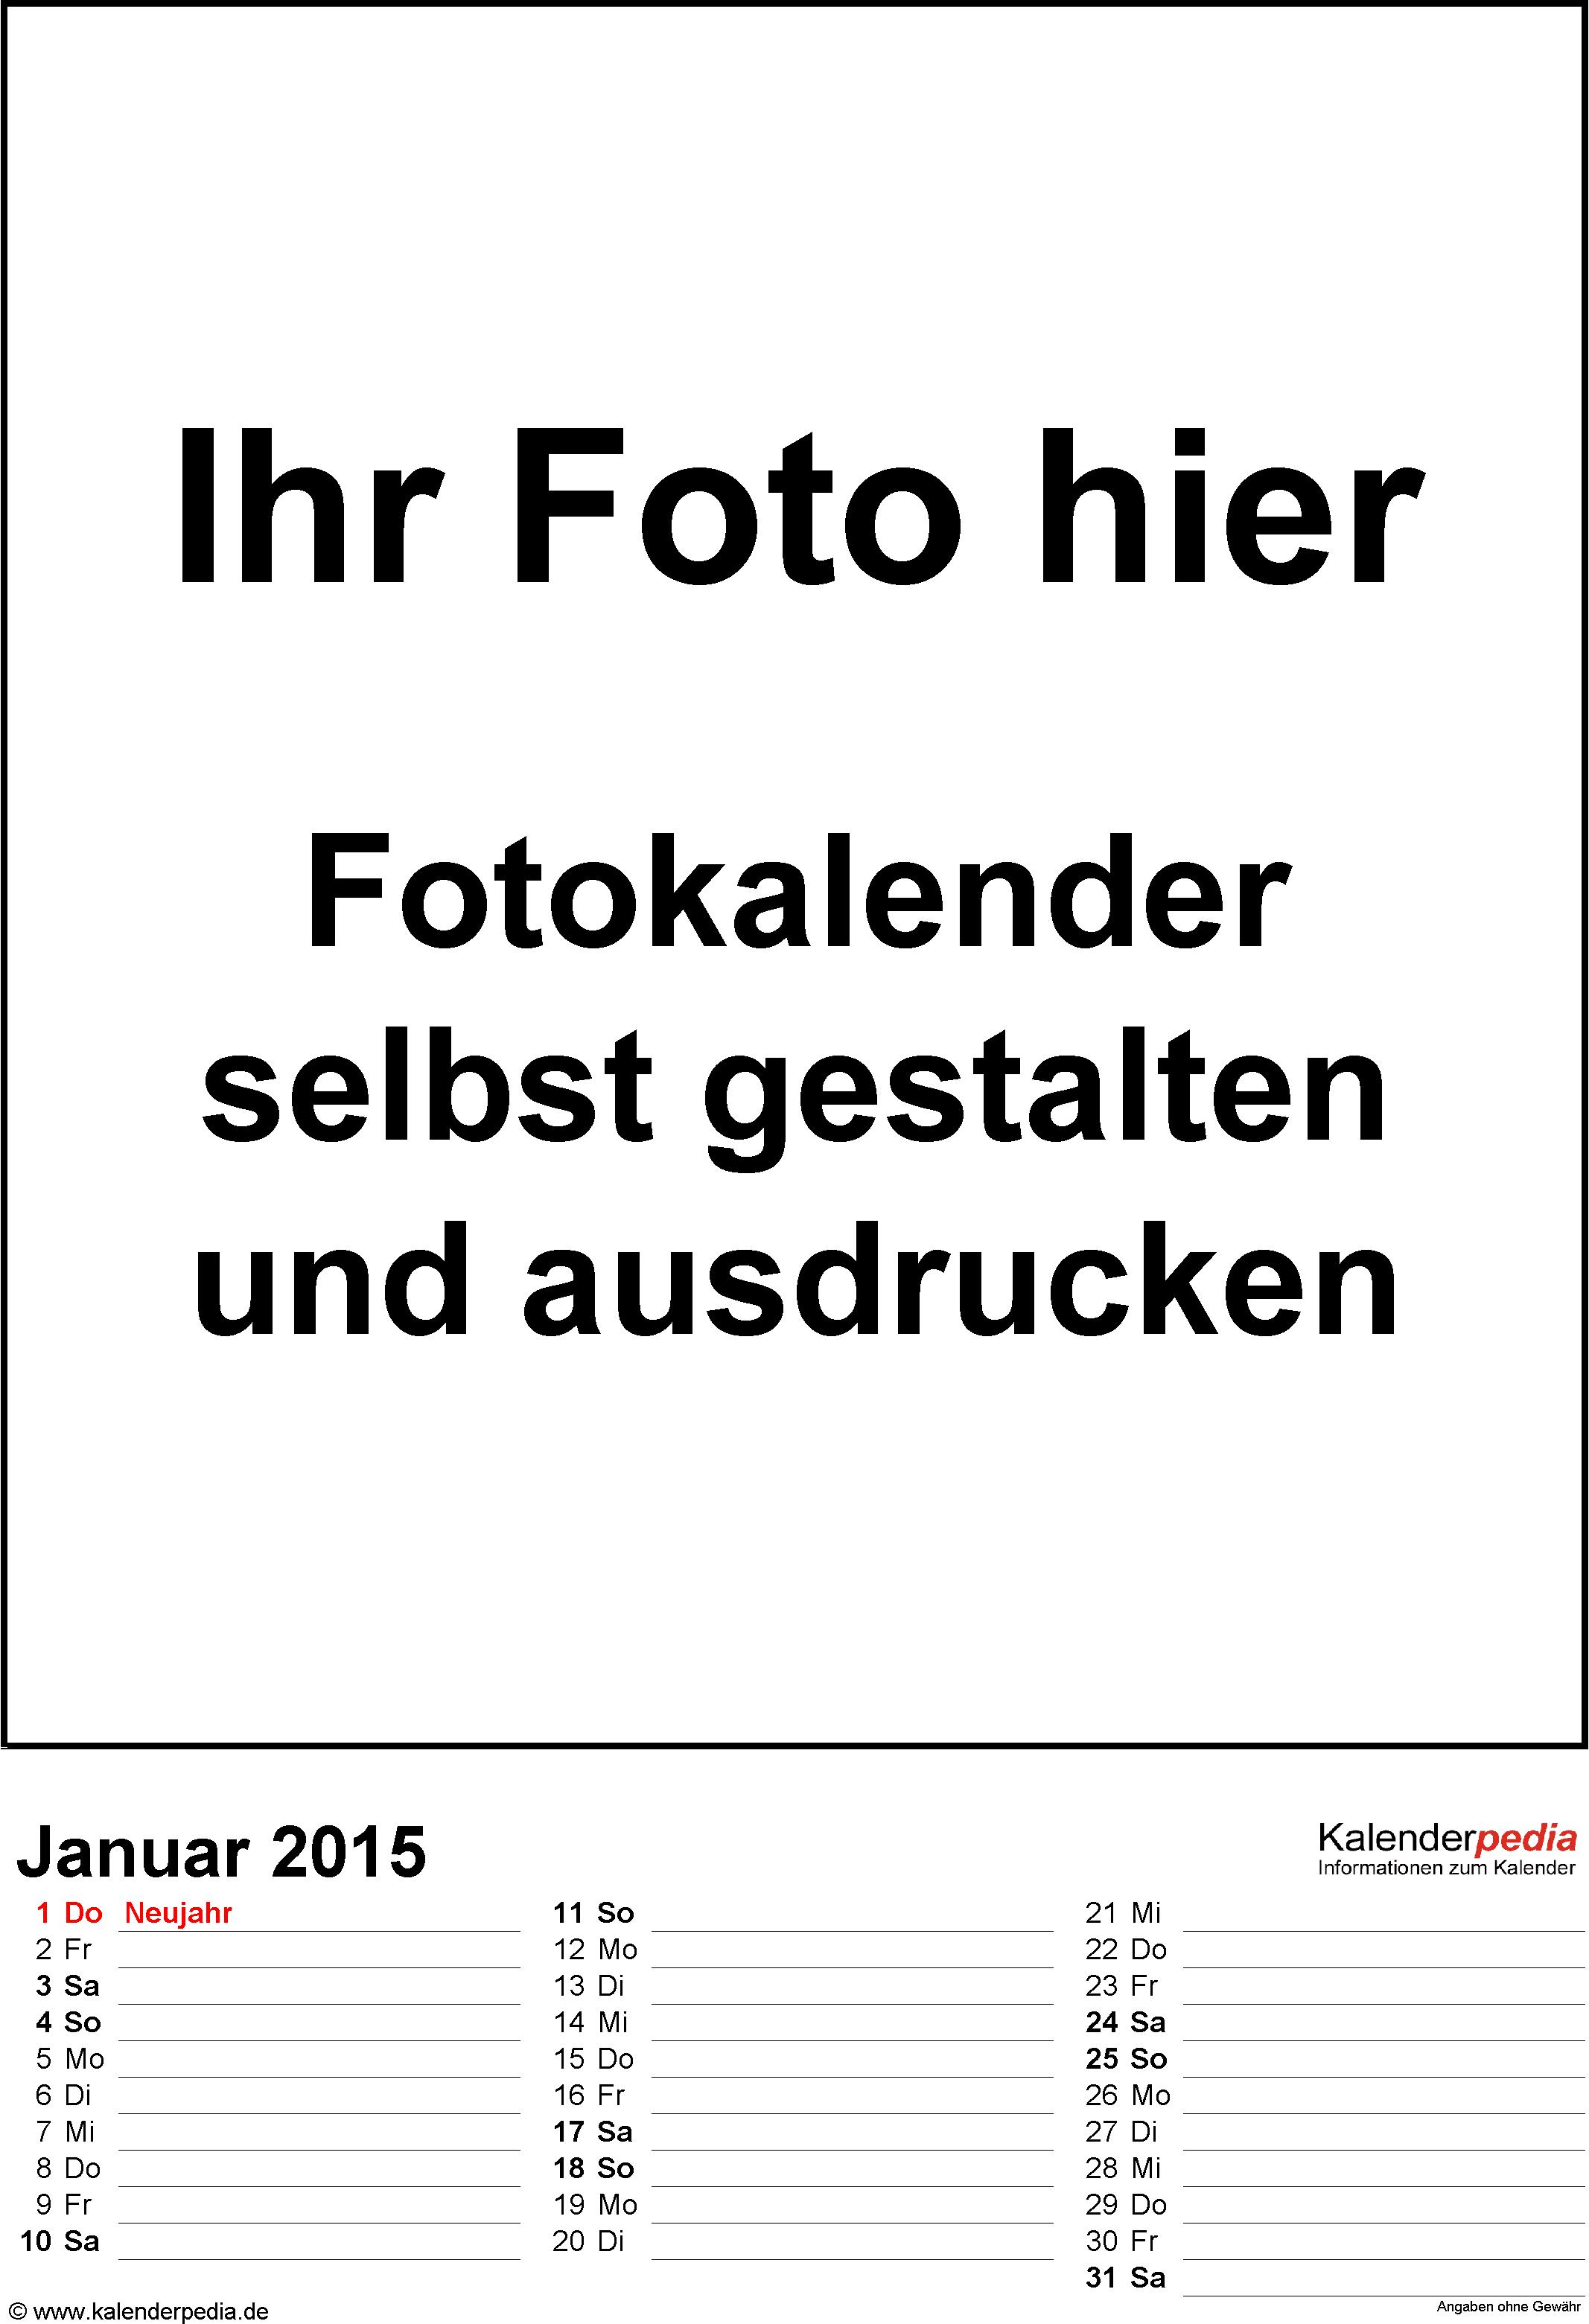 Vorlage 3: PDF-Vorlage für Fotokalender 2015 (dreispaltig)